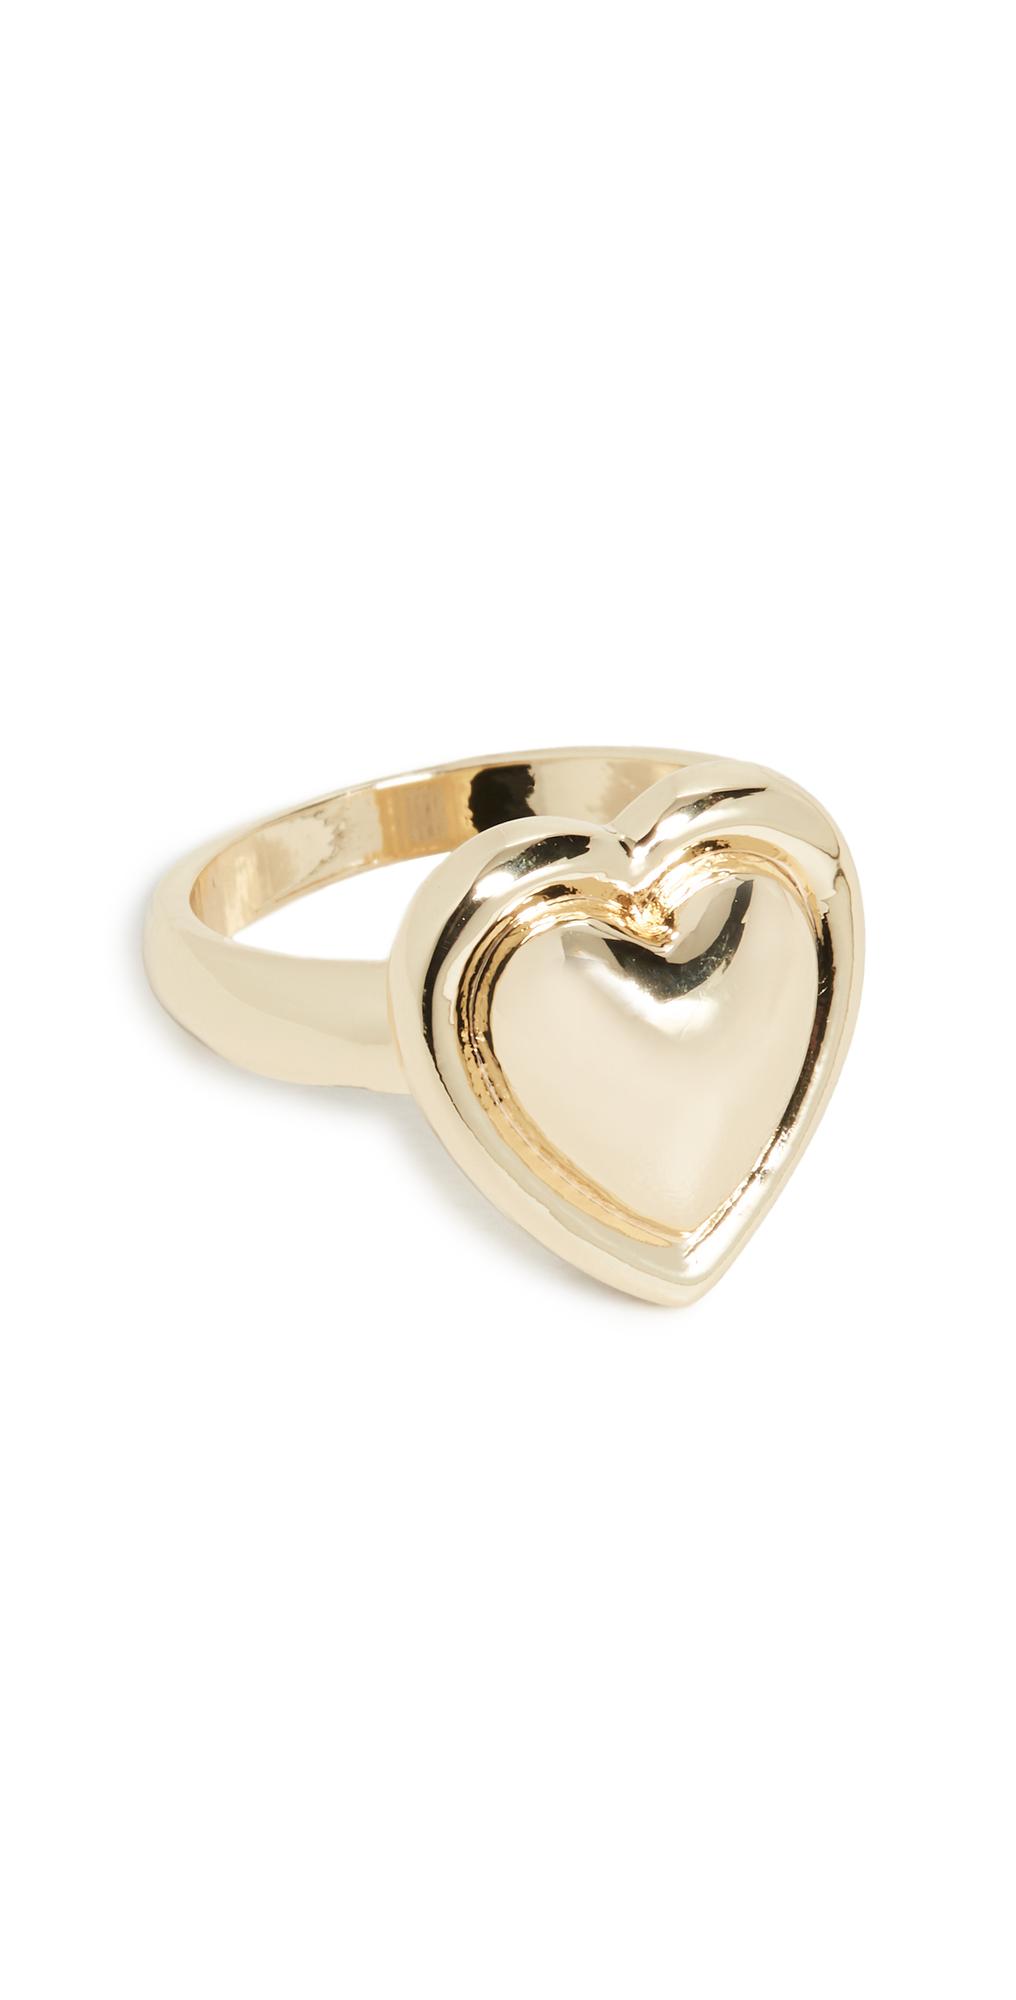 Metal Heart Signet Ring